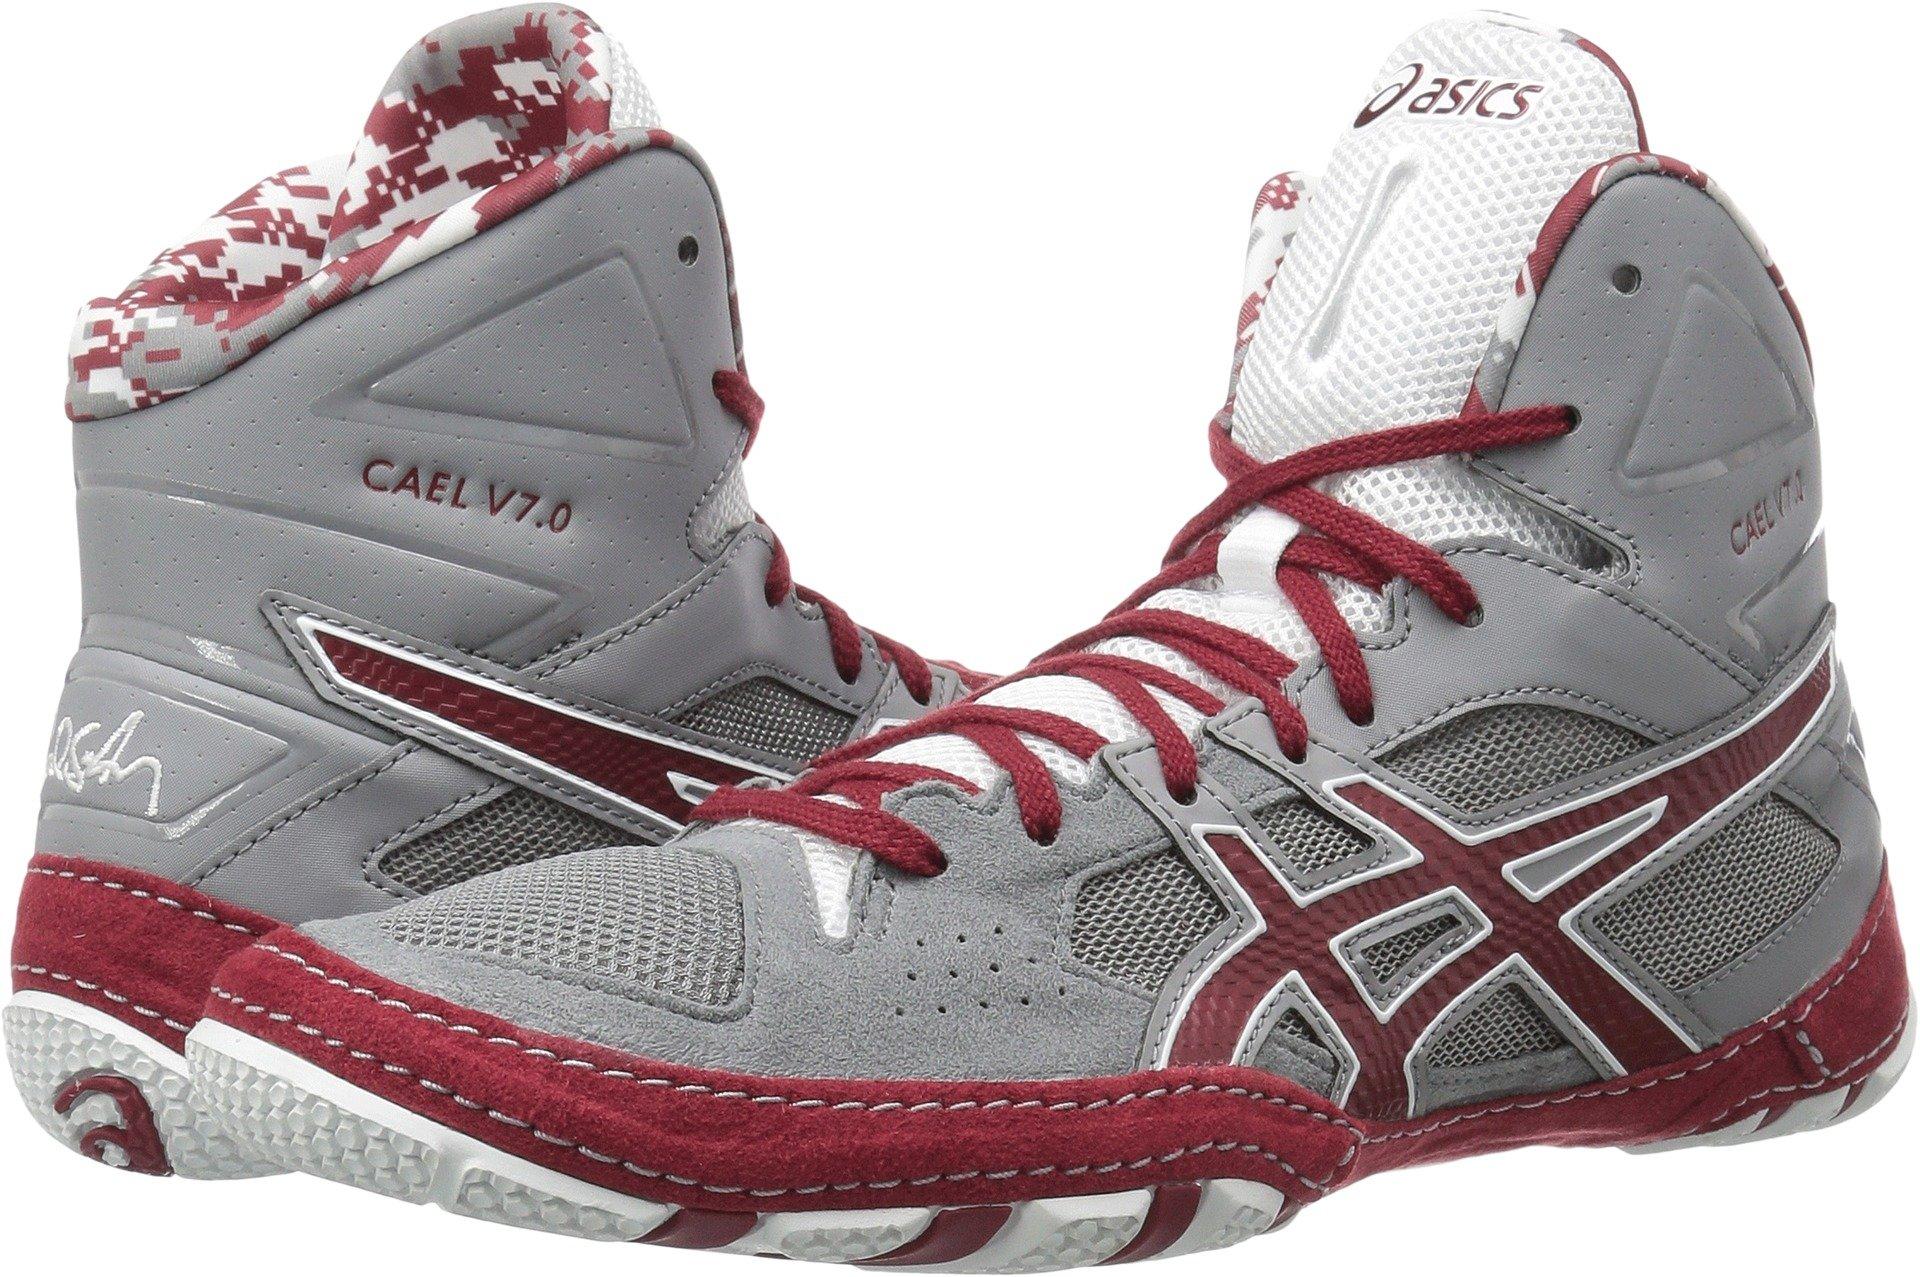 ASICS Men's Cael V7.0 Wrestling Shoe, Aluminum/Burgundy/White, 10 Medium US by ASICS